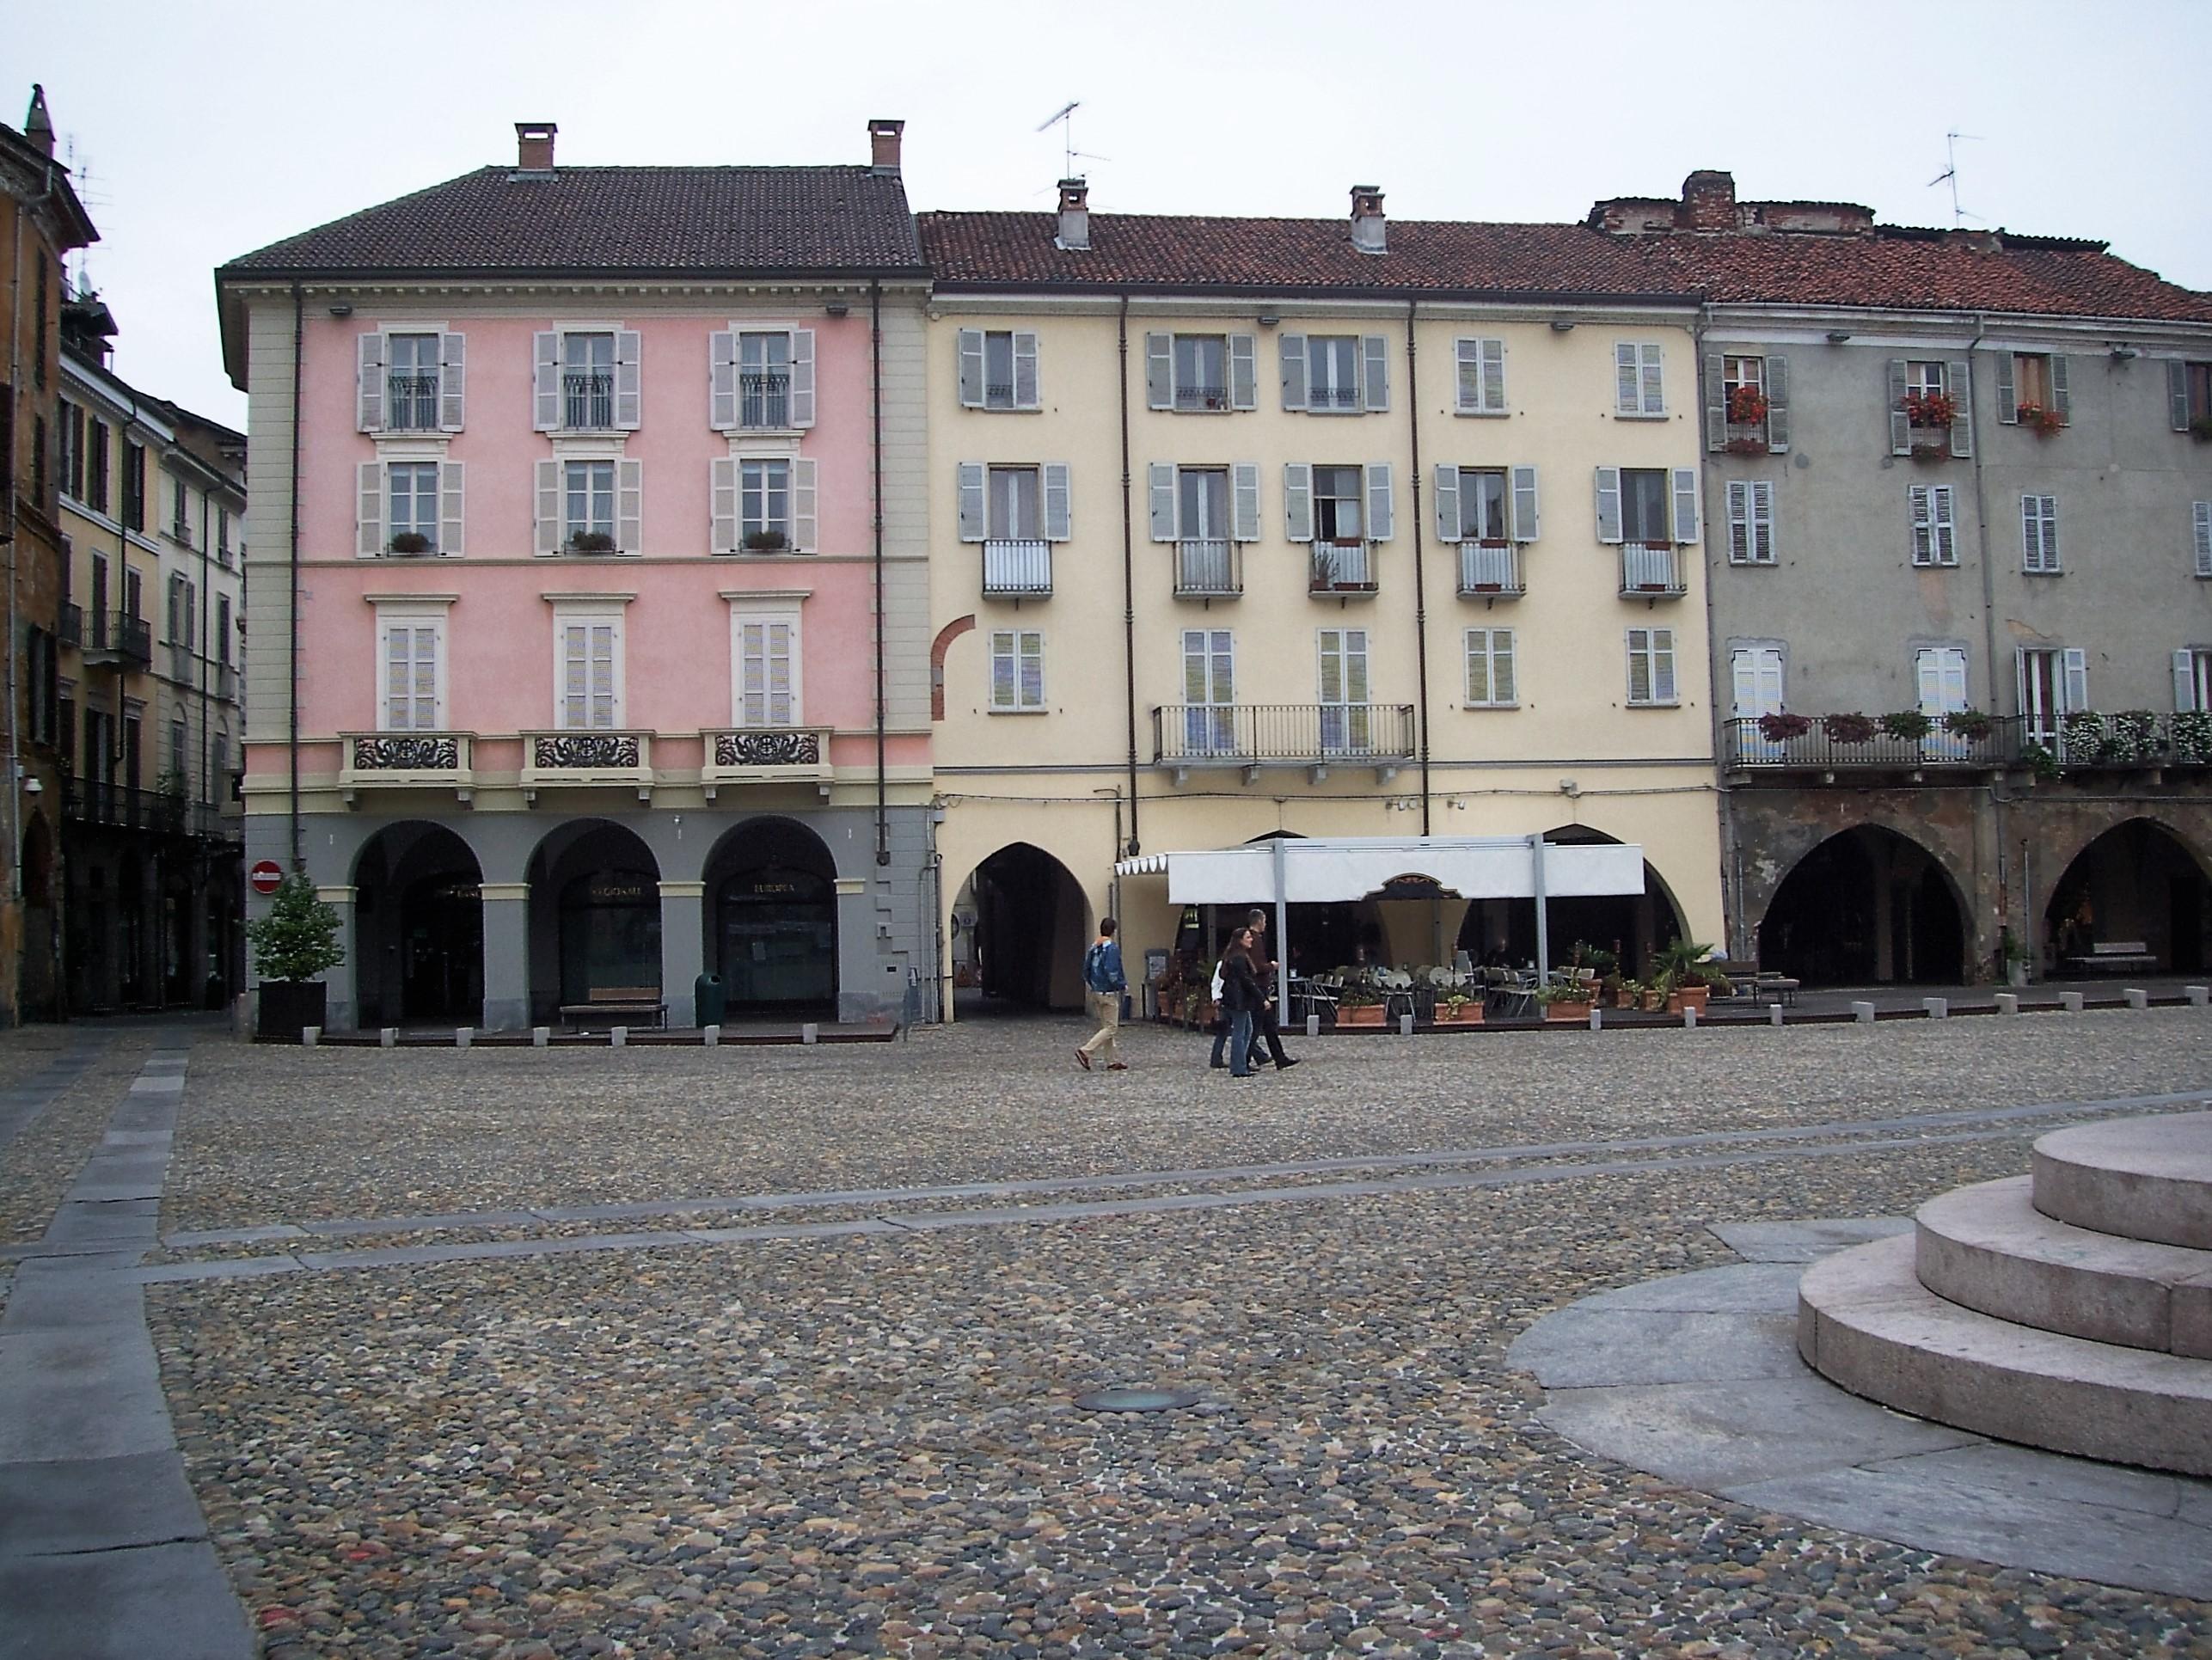 Scorcio della Piazza Maggiore a Vercelli